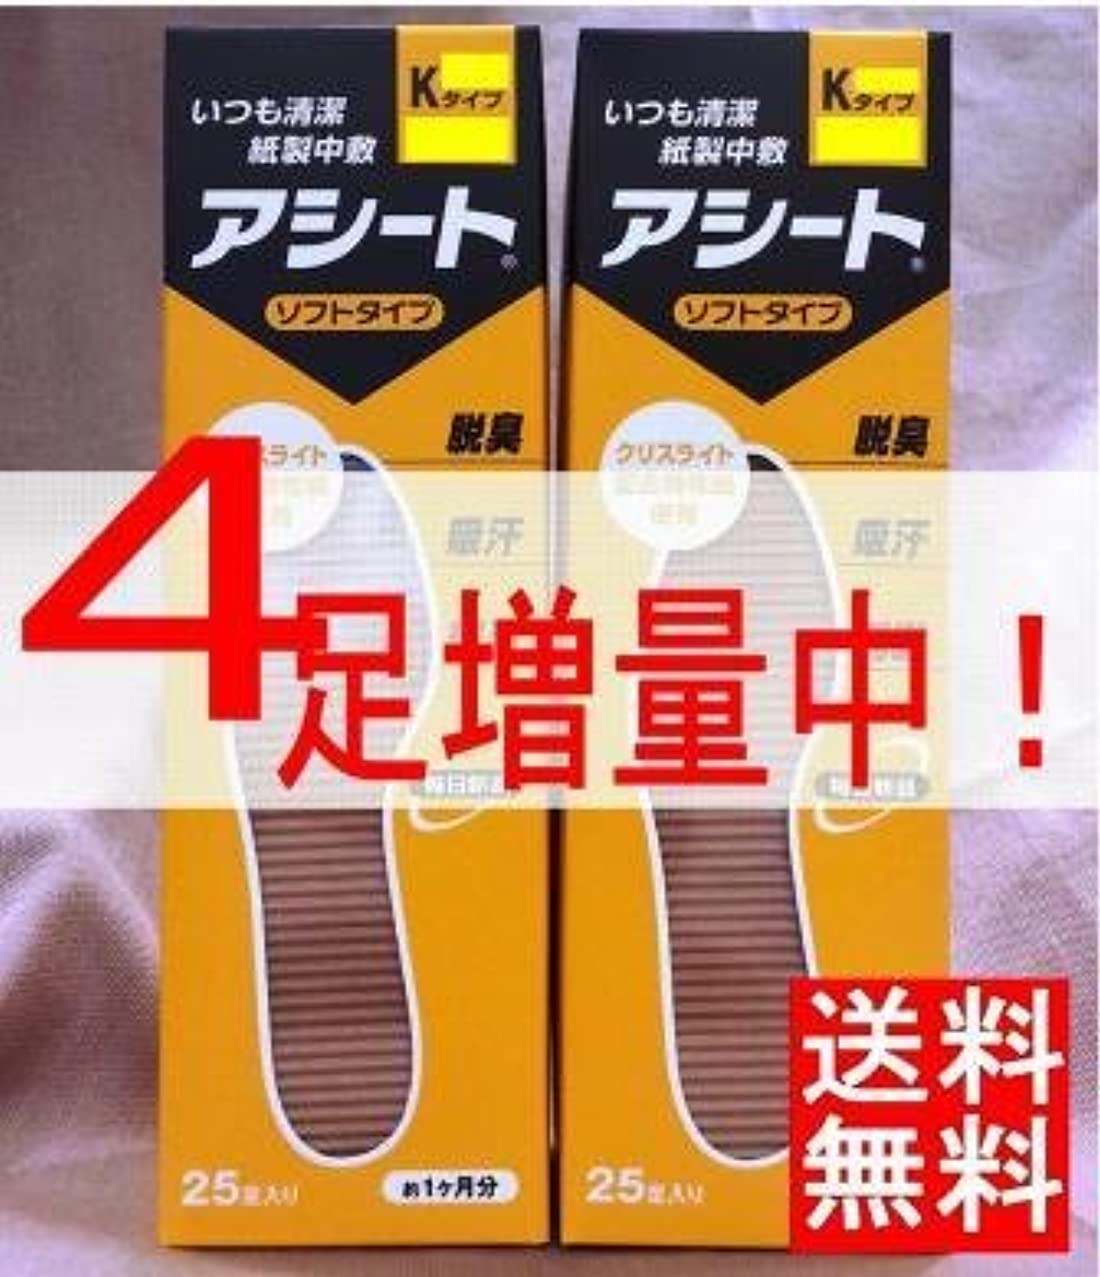 大佐びっくり会計士アシートKタイプ(サイズ26㎝)25足入×2箱セット(4足増量中)